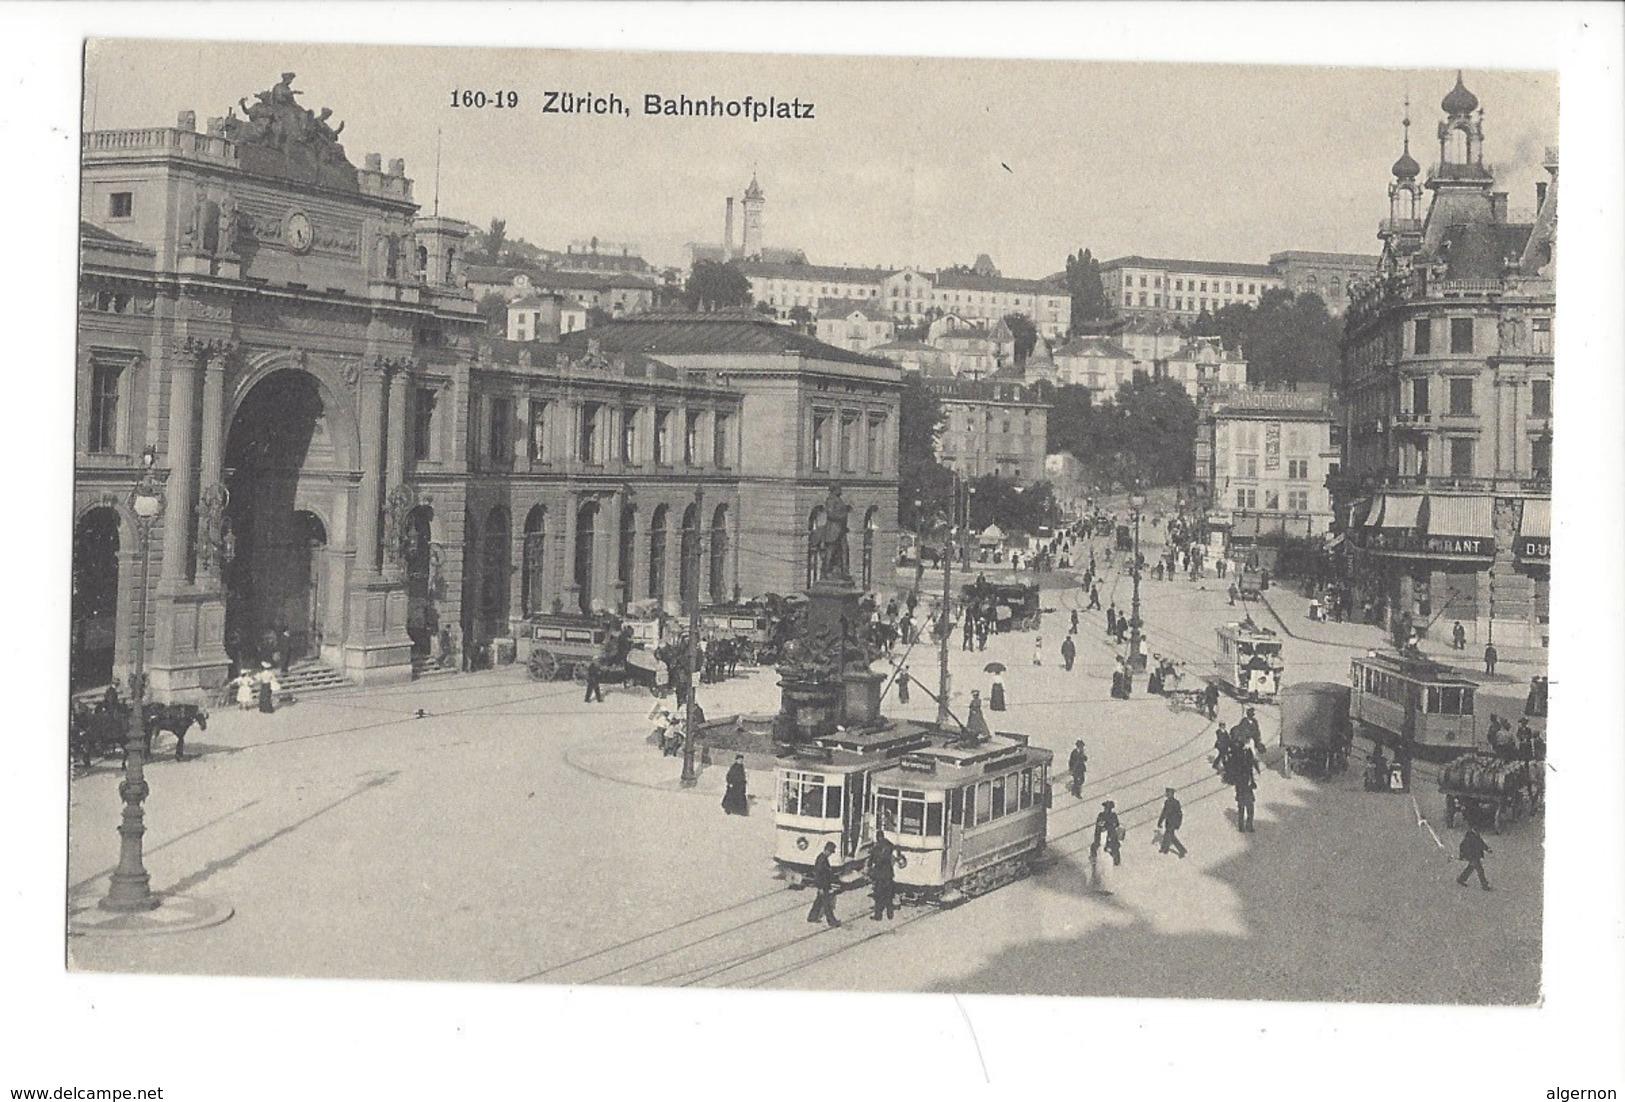 15695 - Zürich Bahnhofplatz Tramway - ZH Zurich